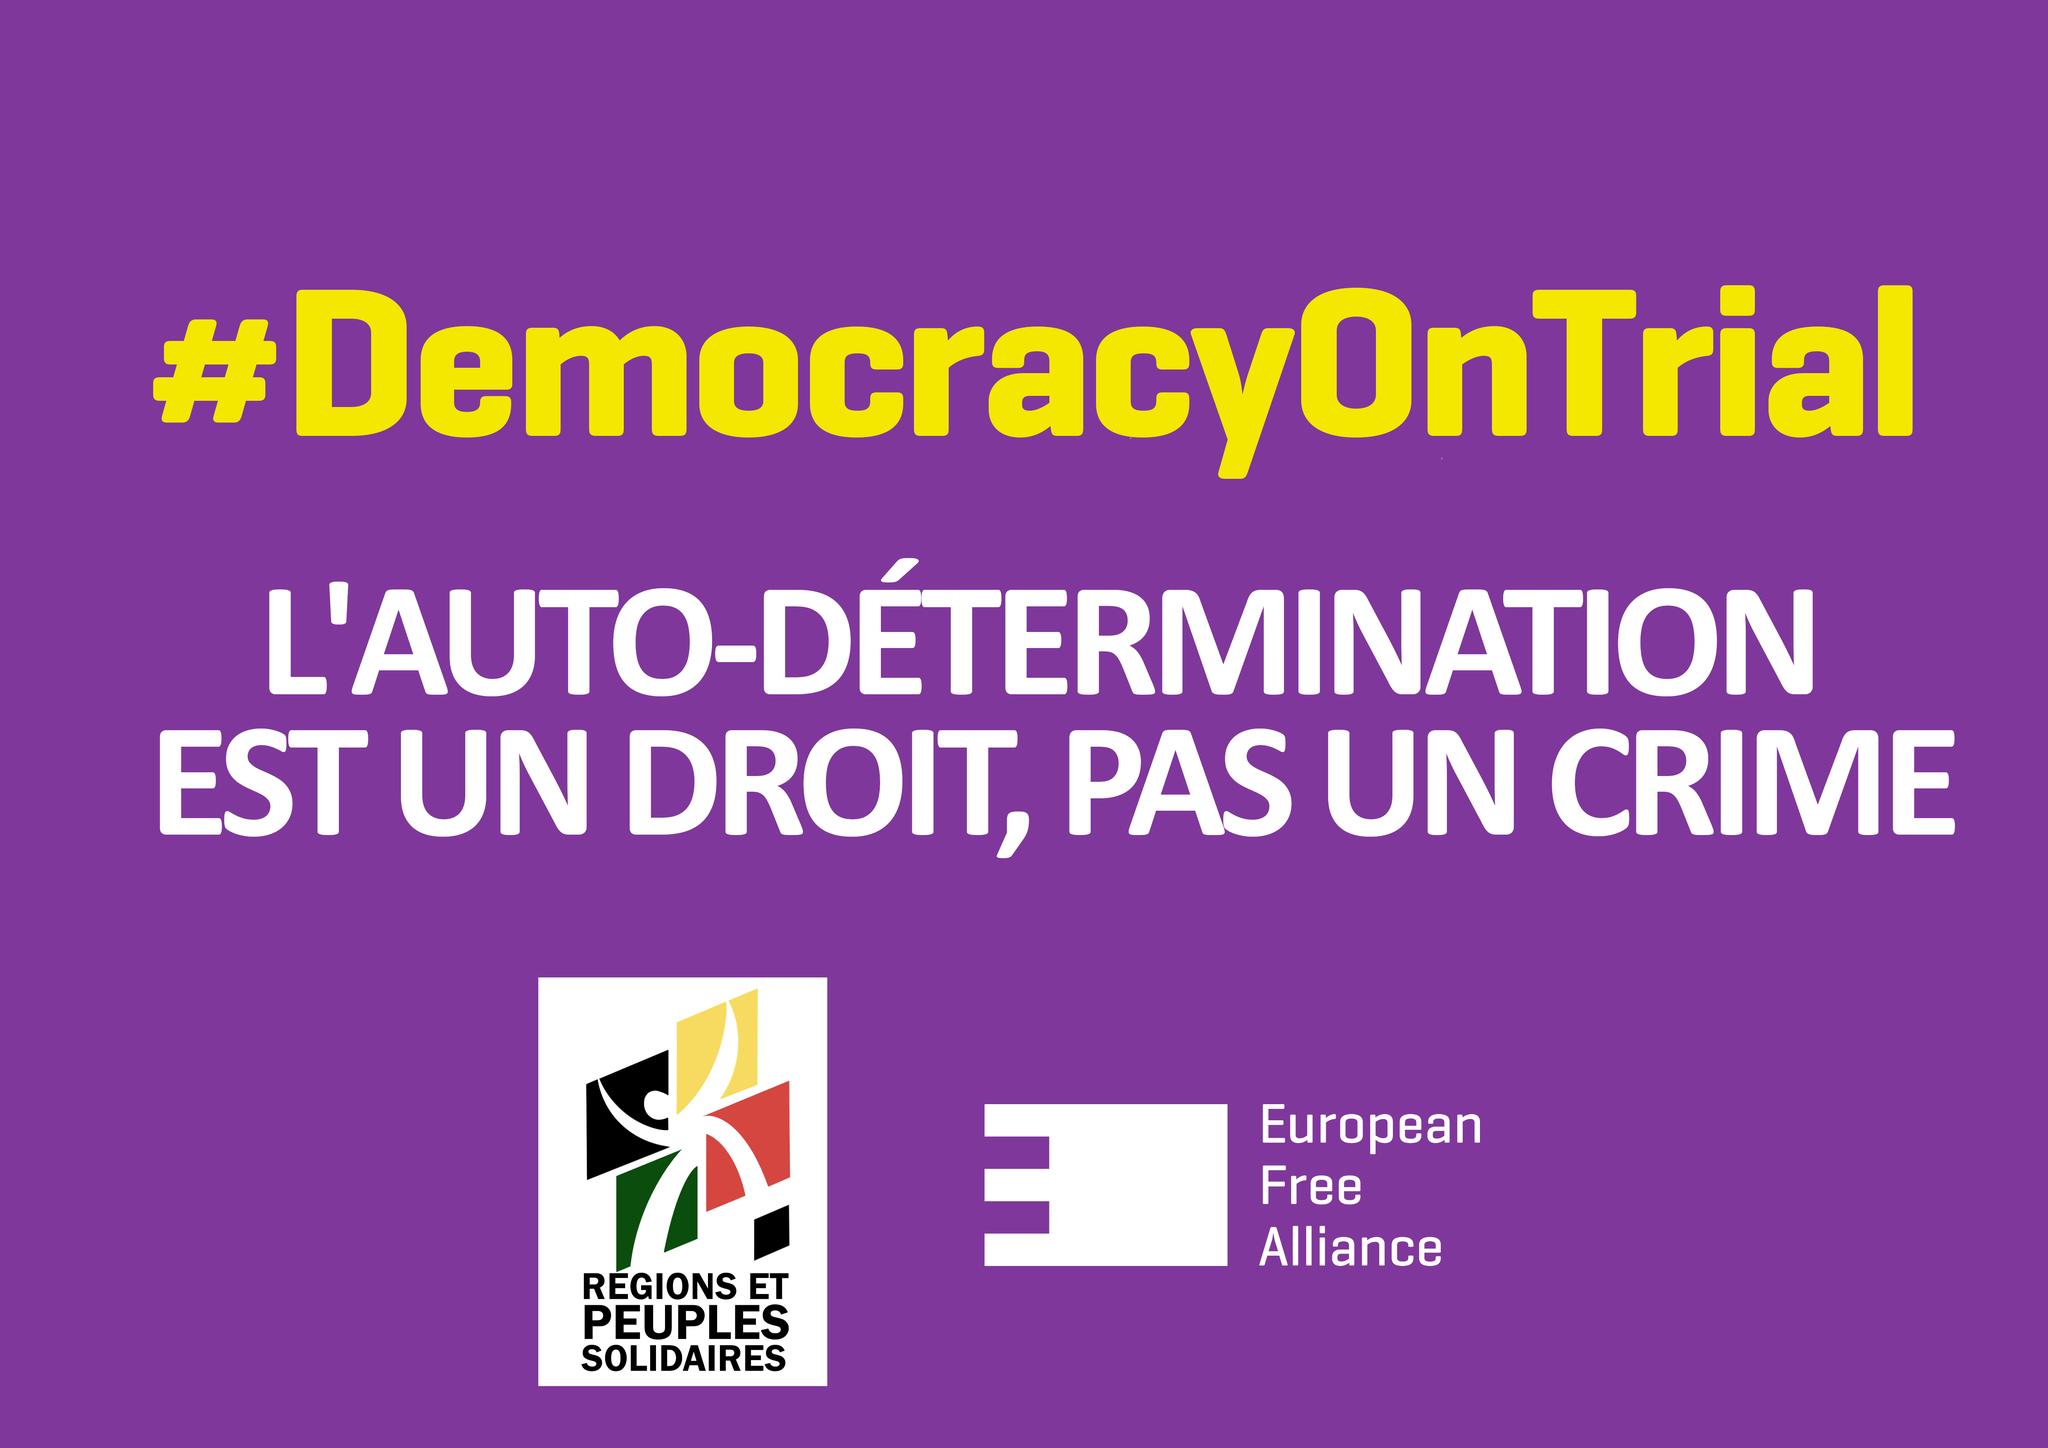 L'AUTO-DÉTERMINATION N'EST PAS UN CRIME ALORS LIBÉREZ LES PRISONNIERS POLITIQUES CATALANS !